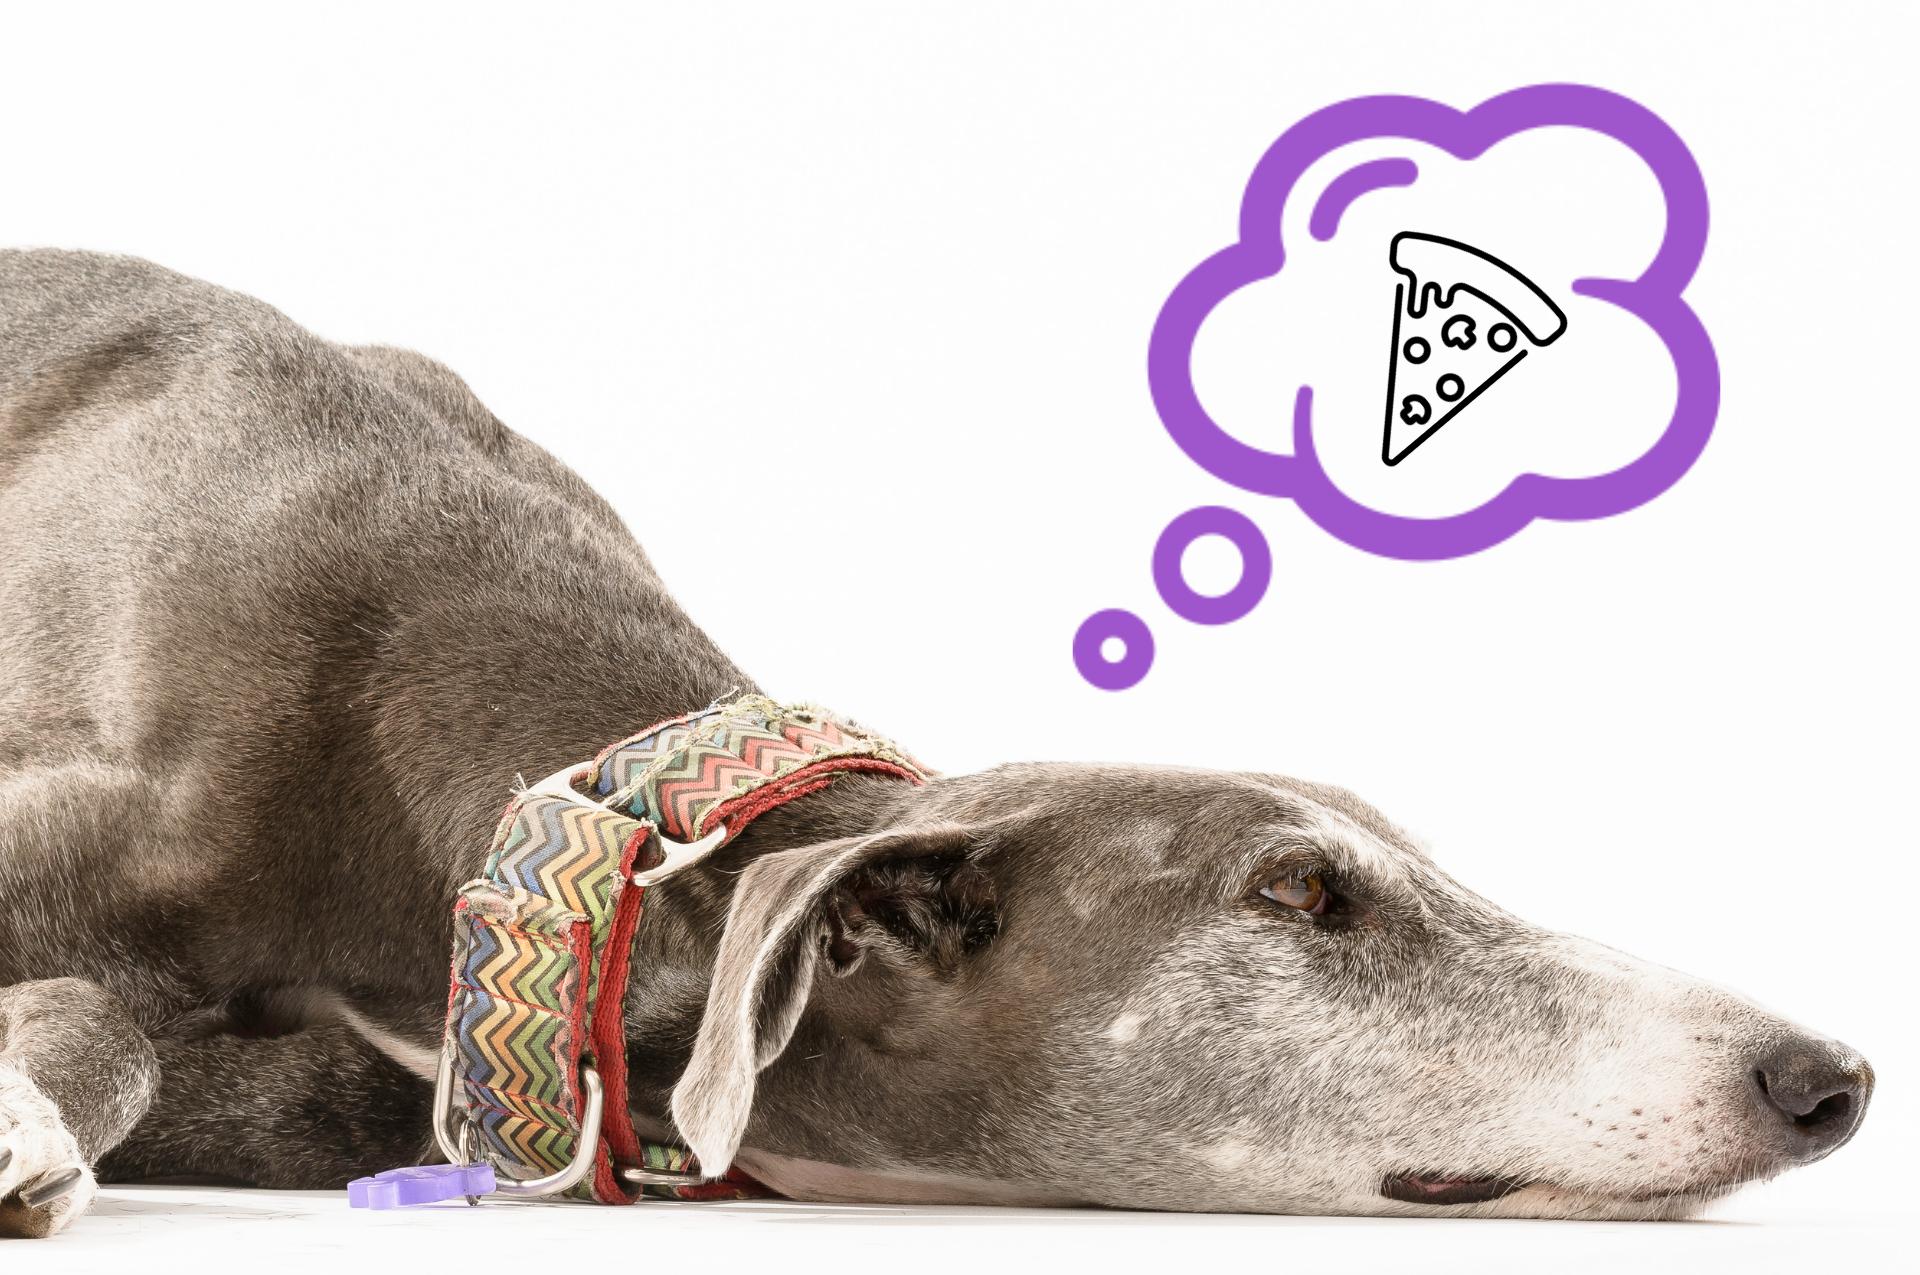 Método Cognitivo-Emocional como base para trabajar con perros